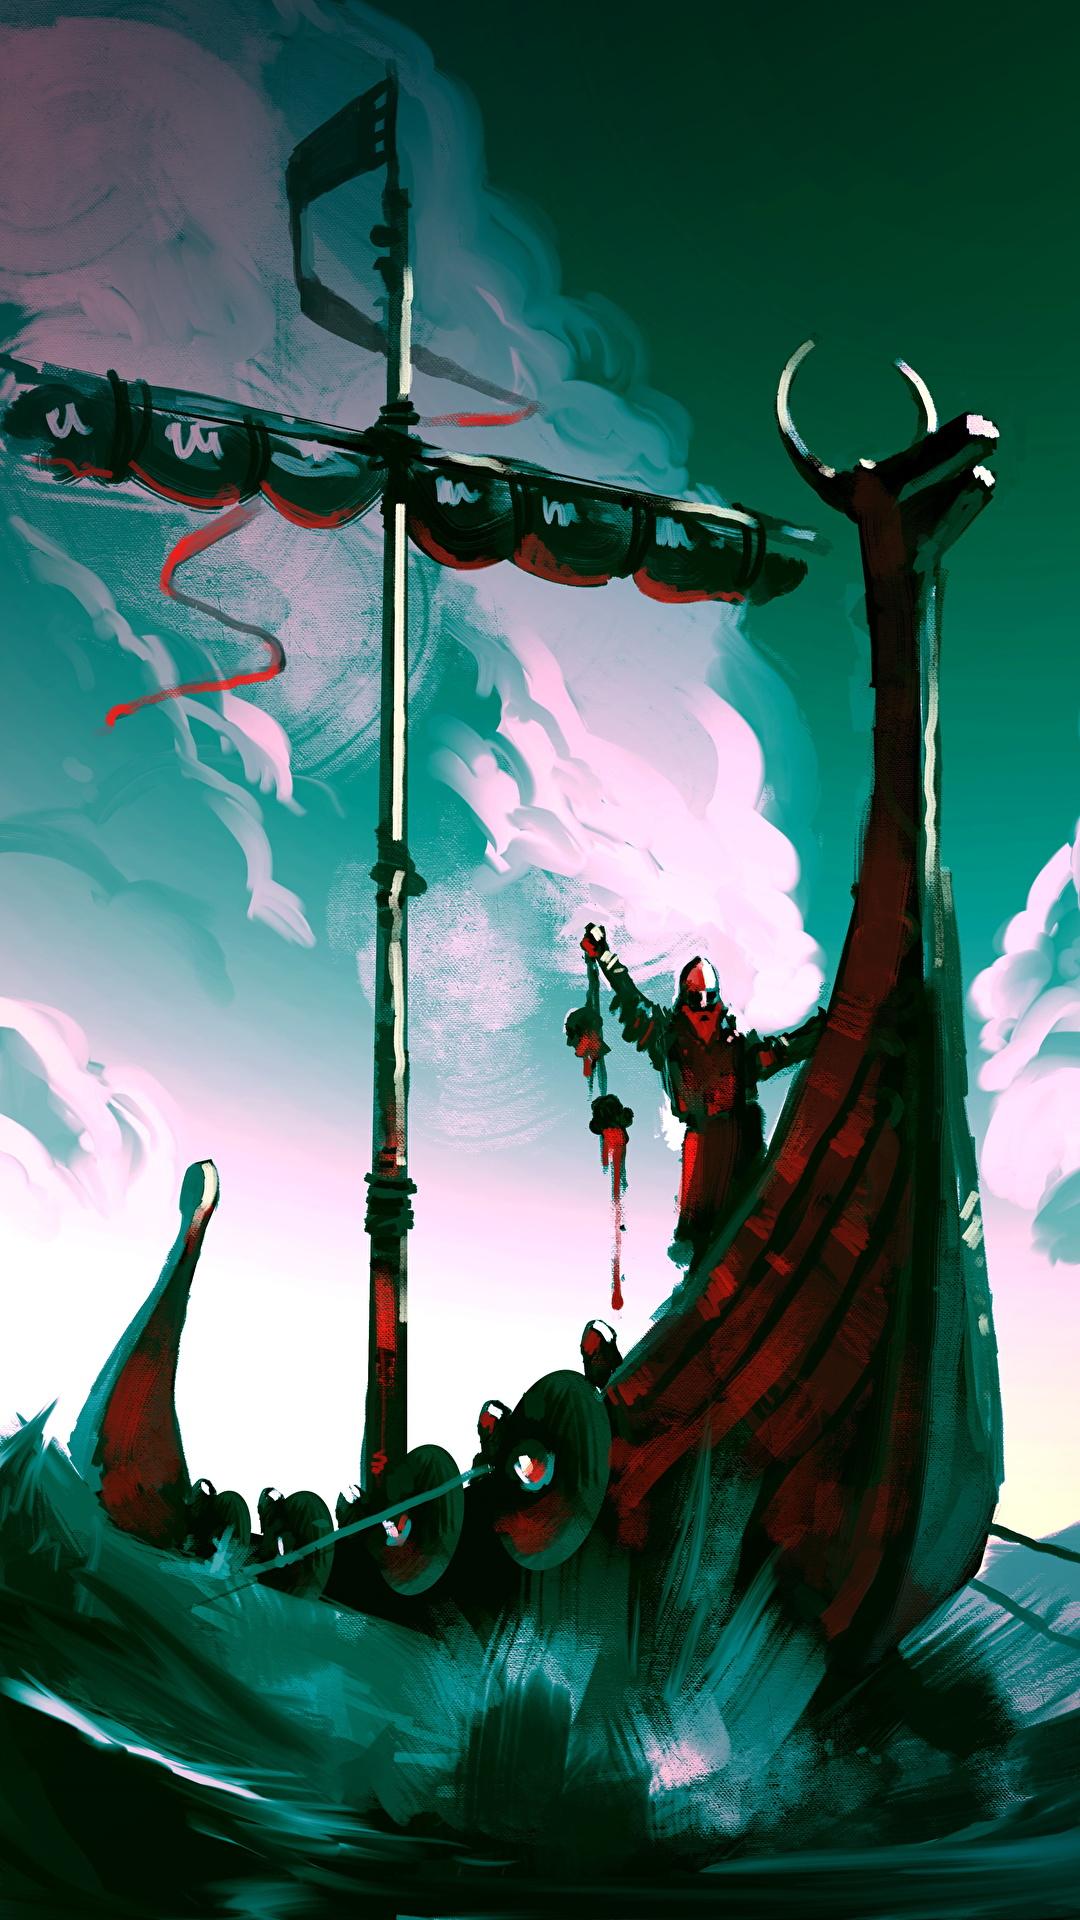 Image Viking Warrior Fantasy Ship Sailing 1080x1920